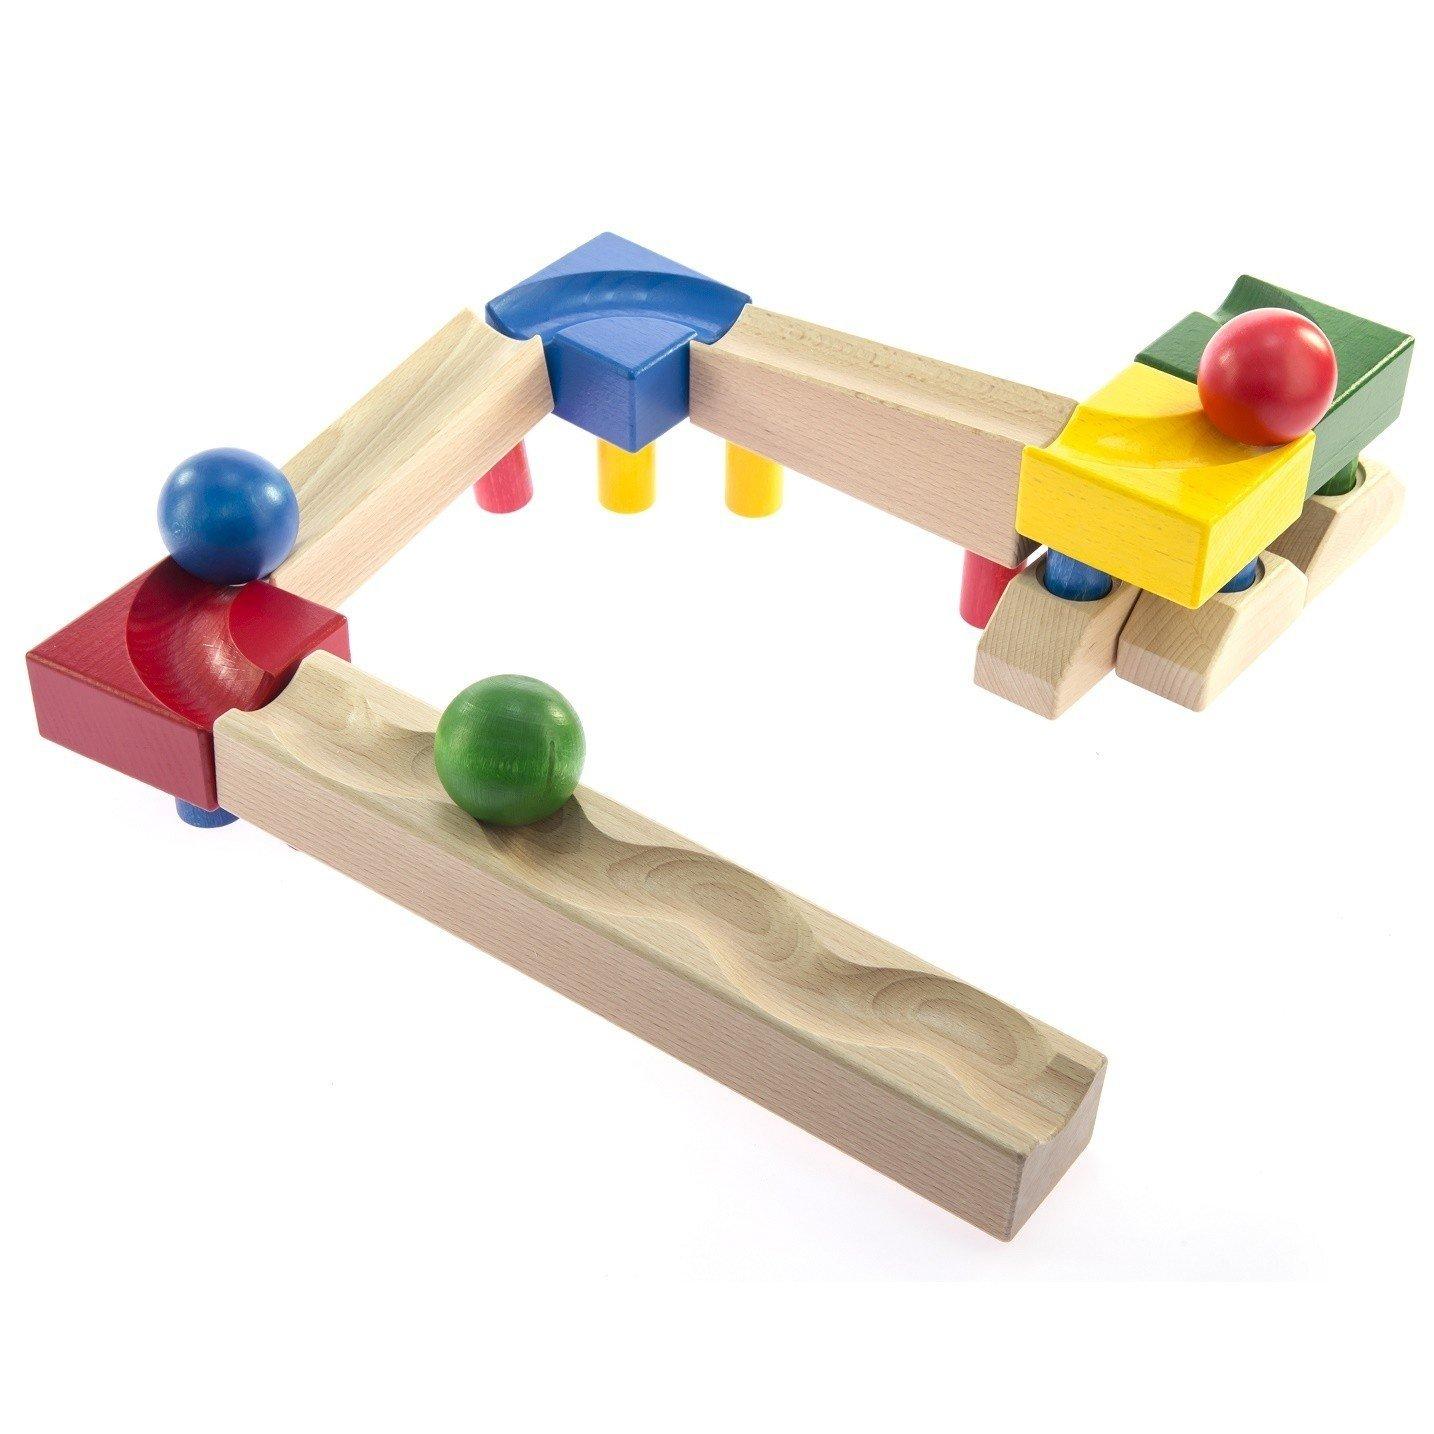 конструктор деревянный Nic шариковая дорога Nic2181